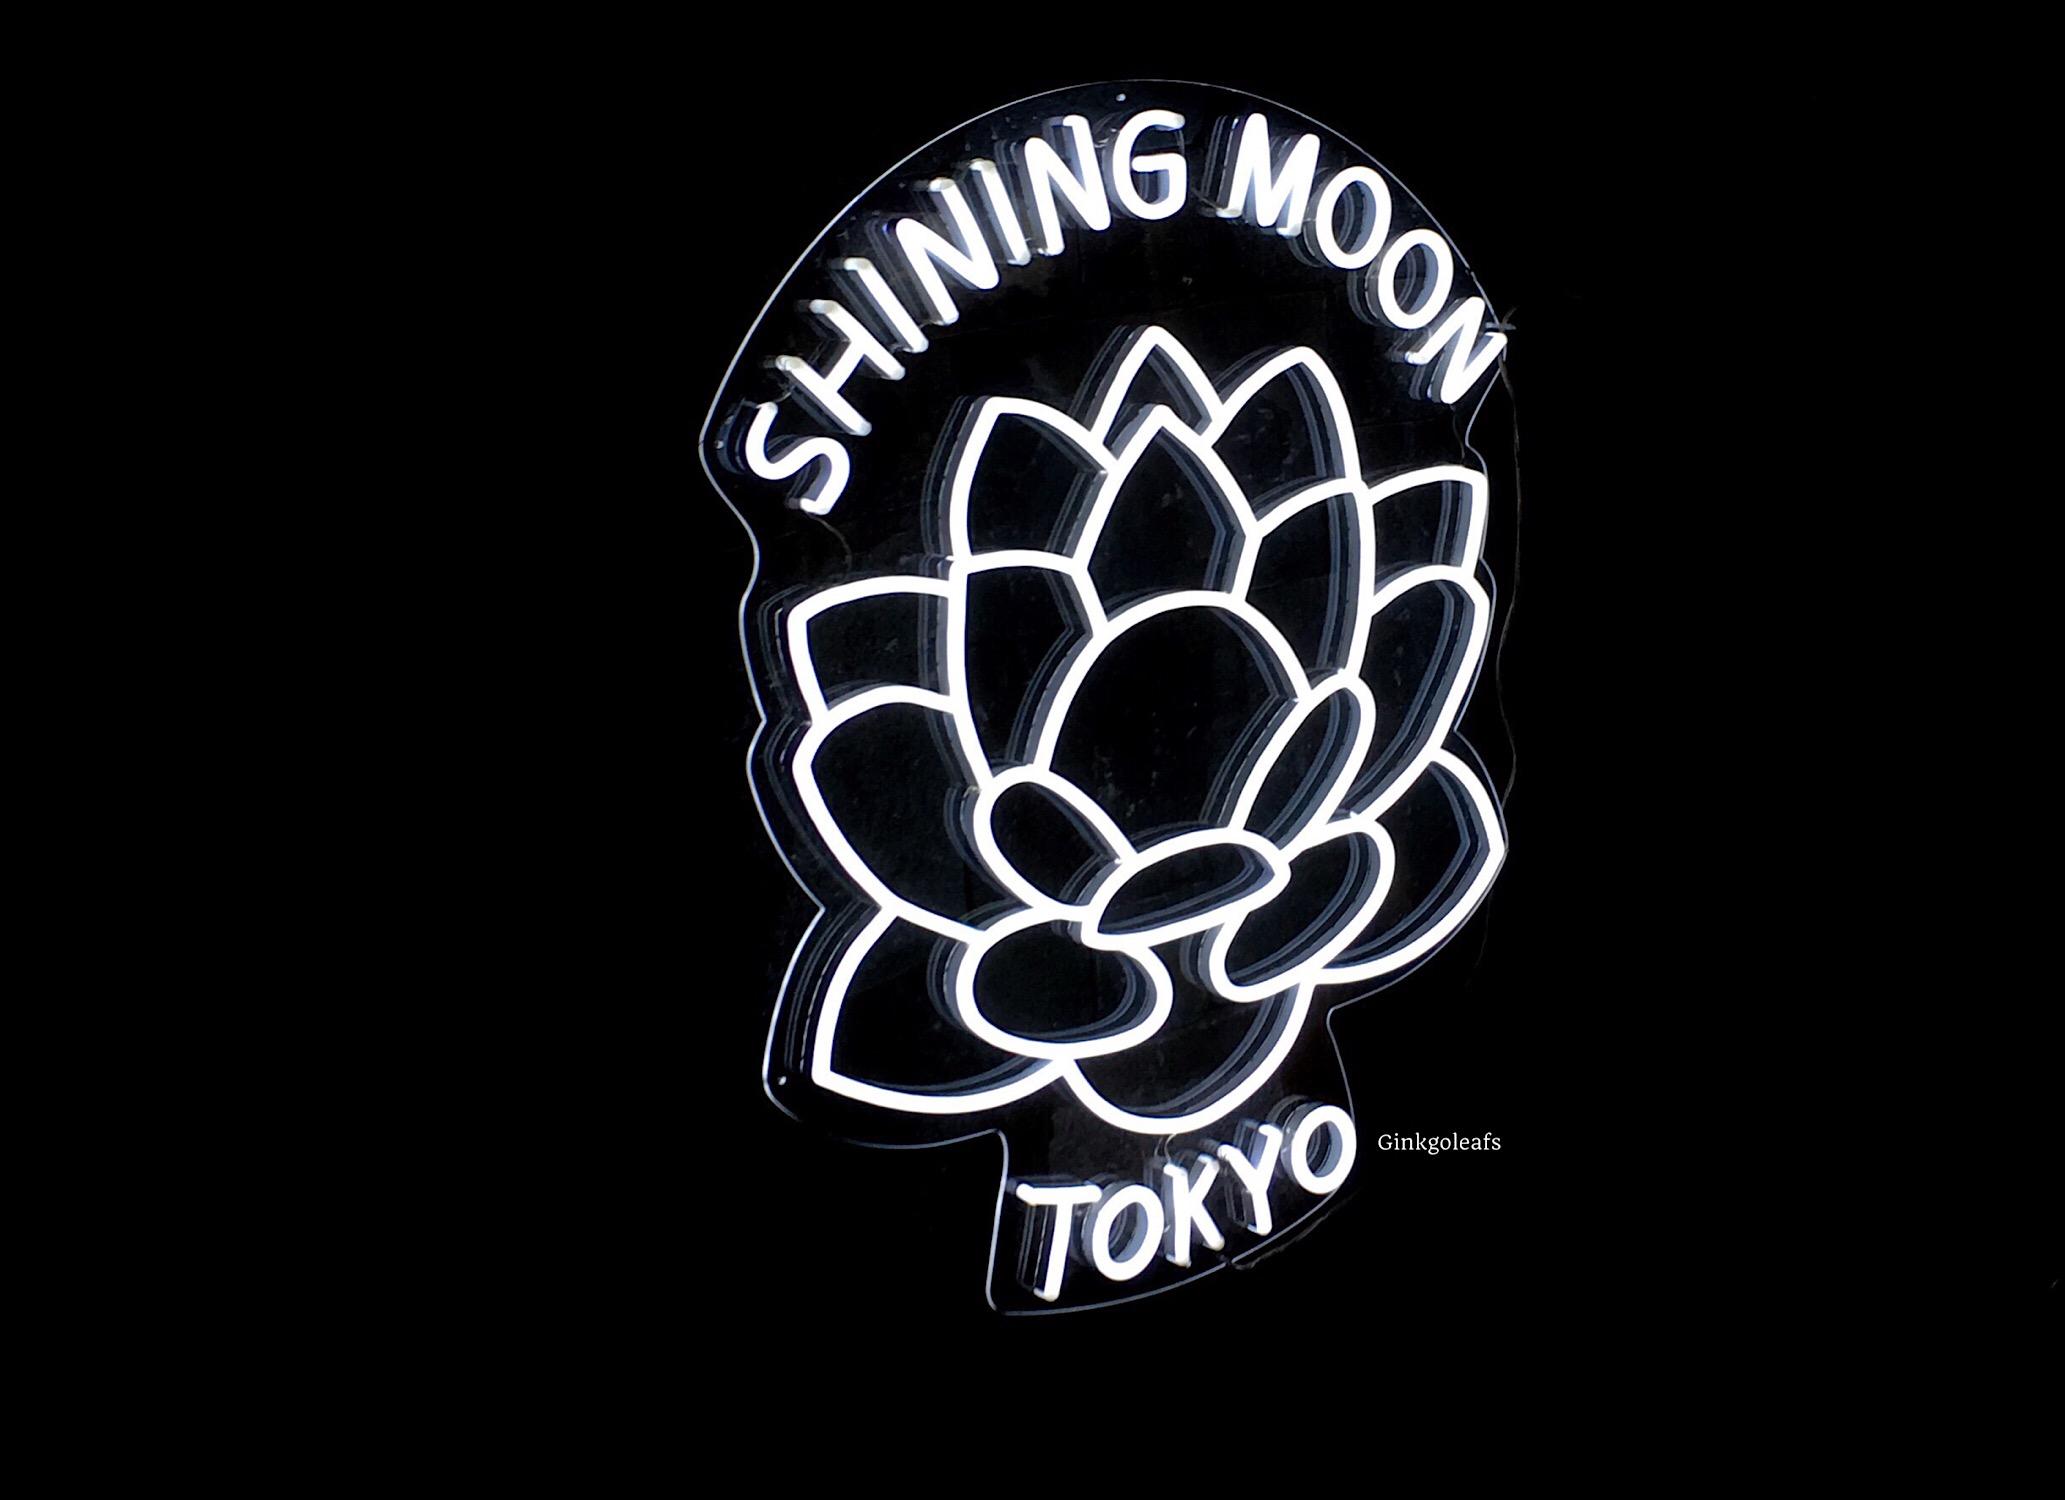 Shining Moon Tokyo